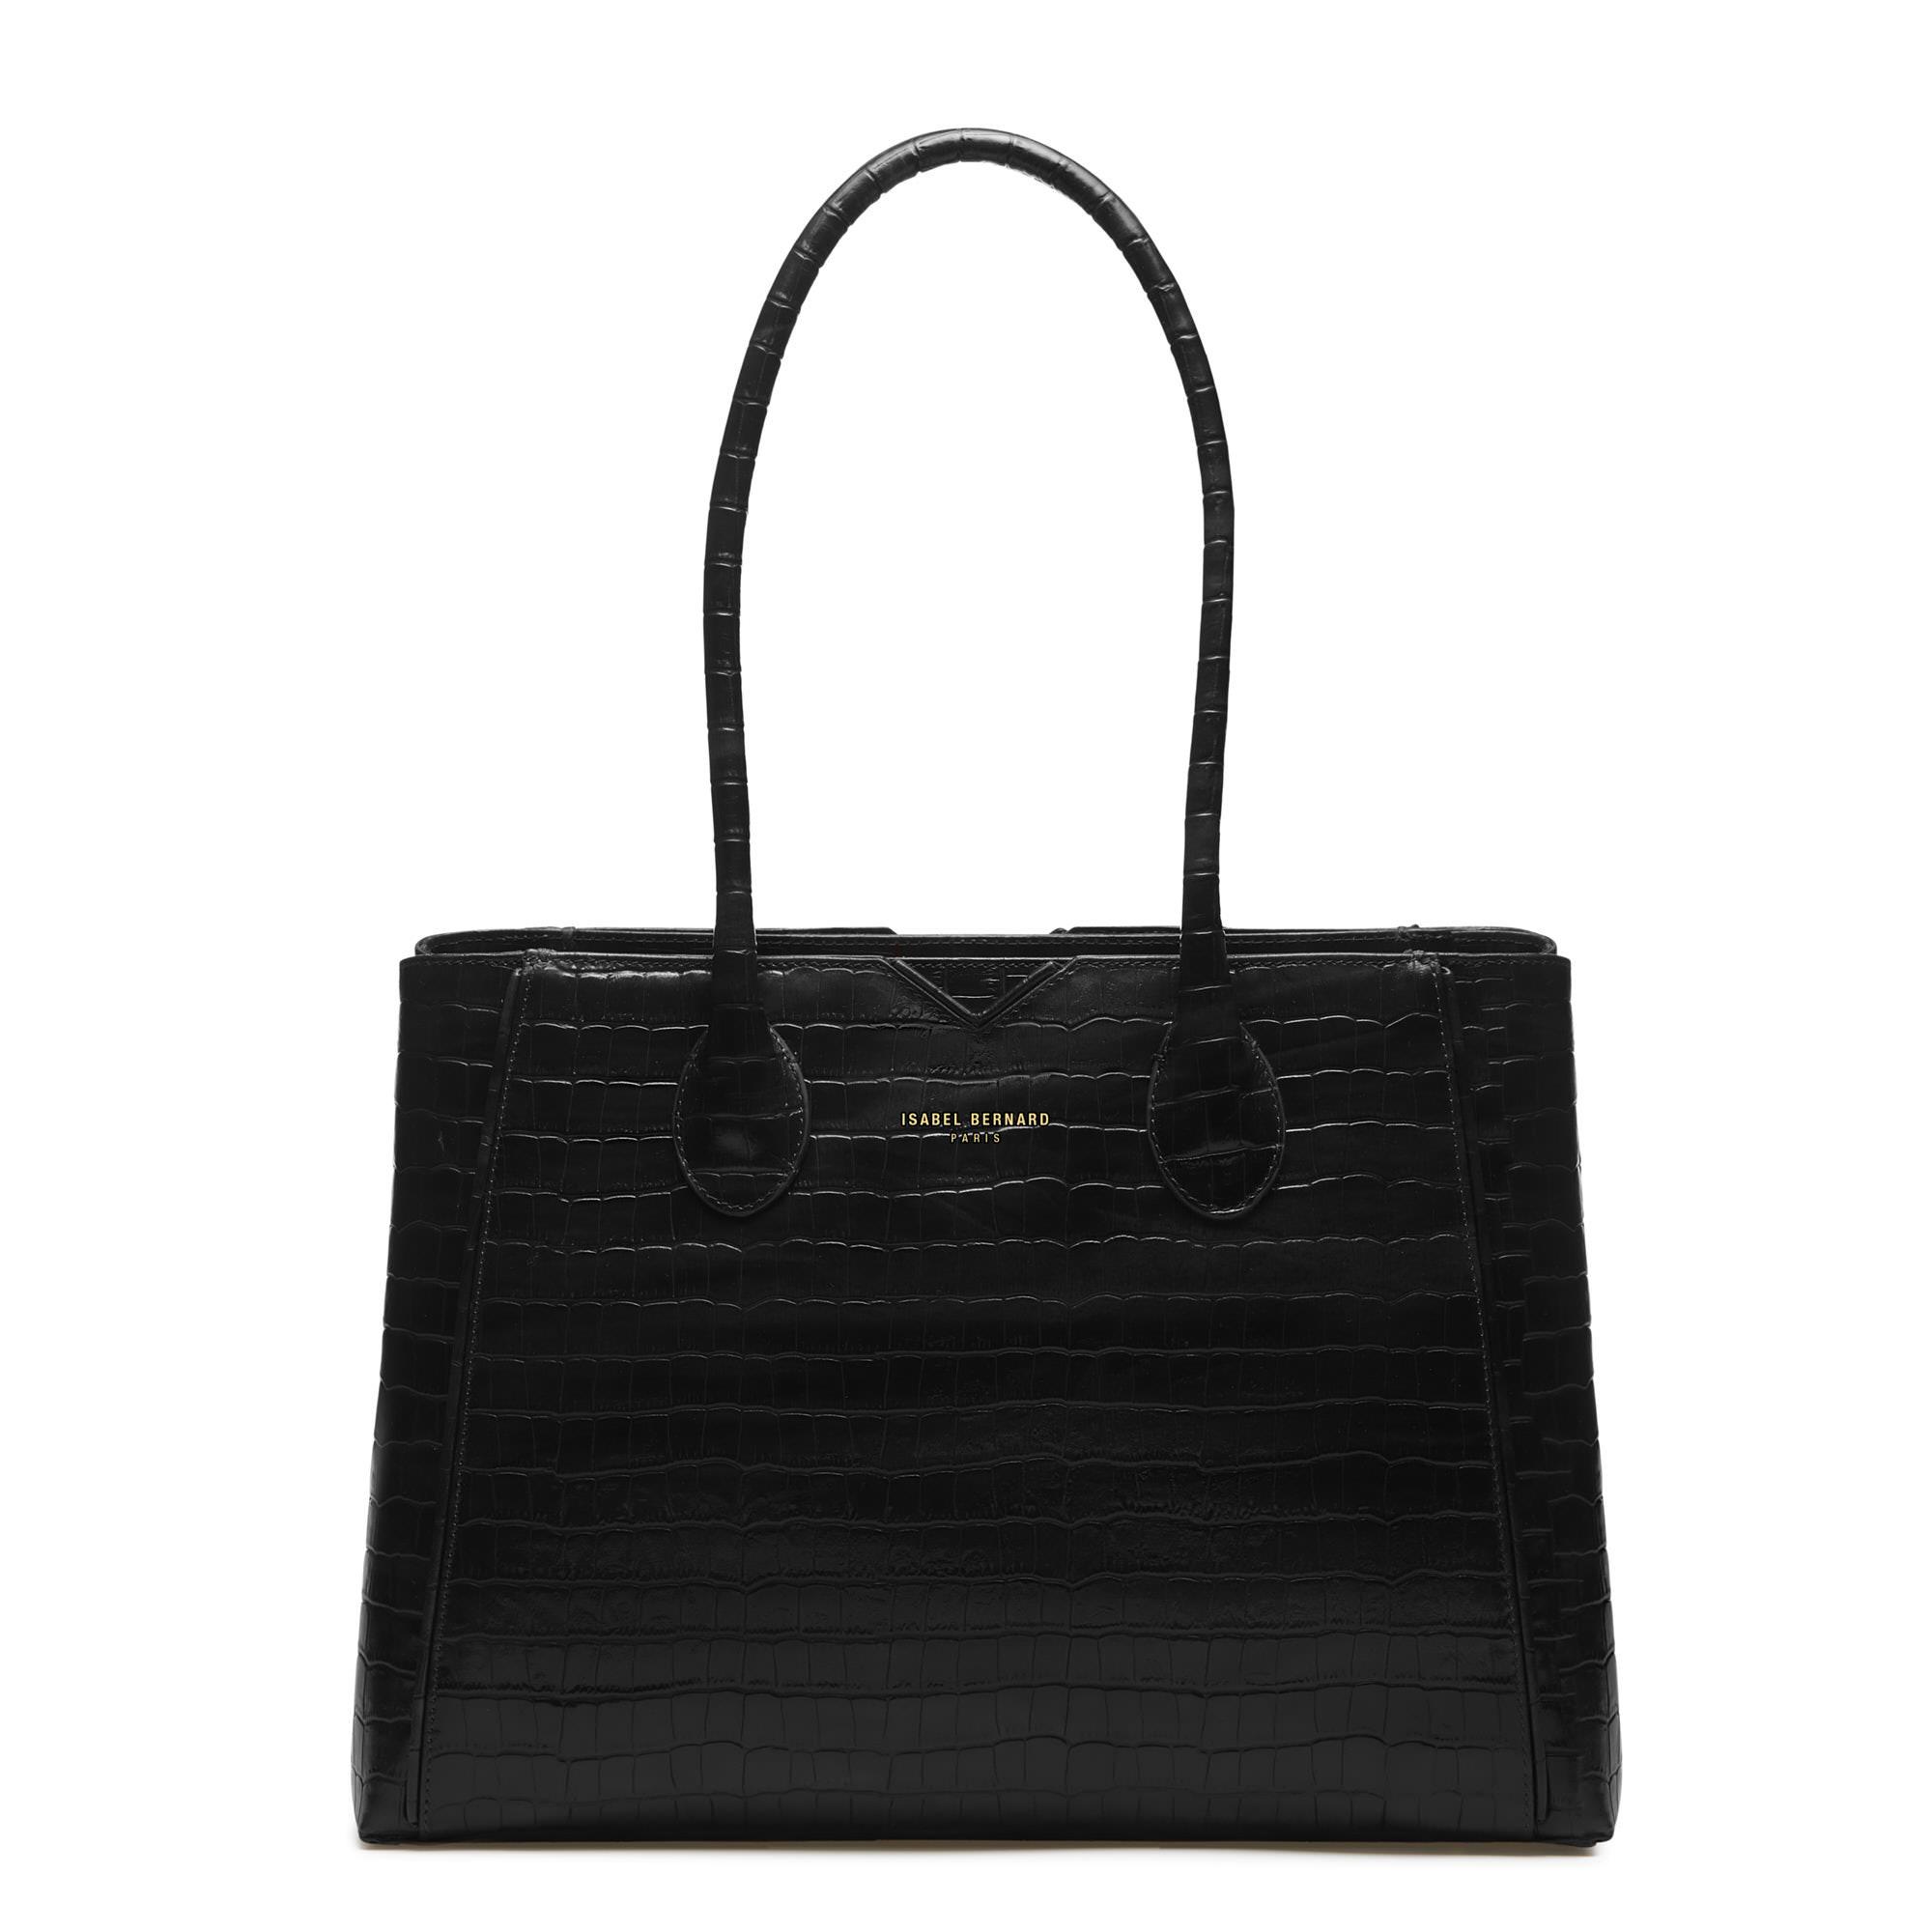 Isabel Bernard Honoré Cloe croco sort læder håndtaske lavet af kalveskind